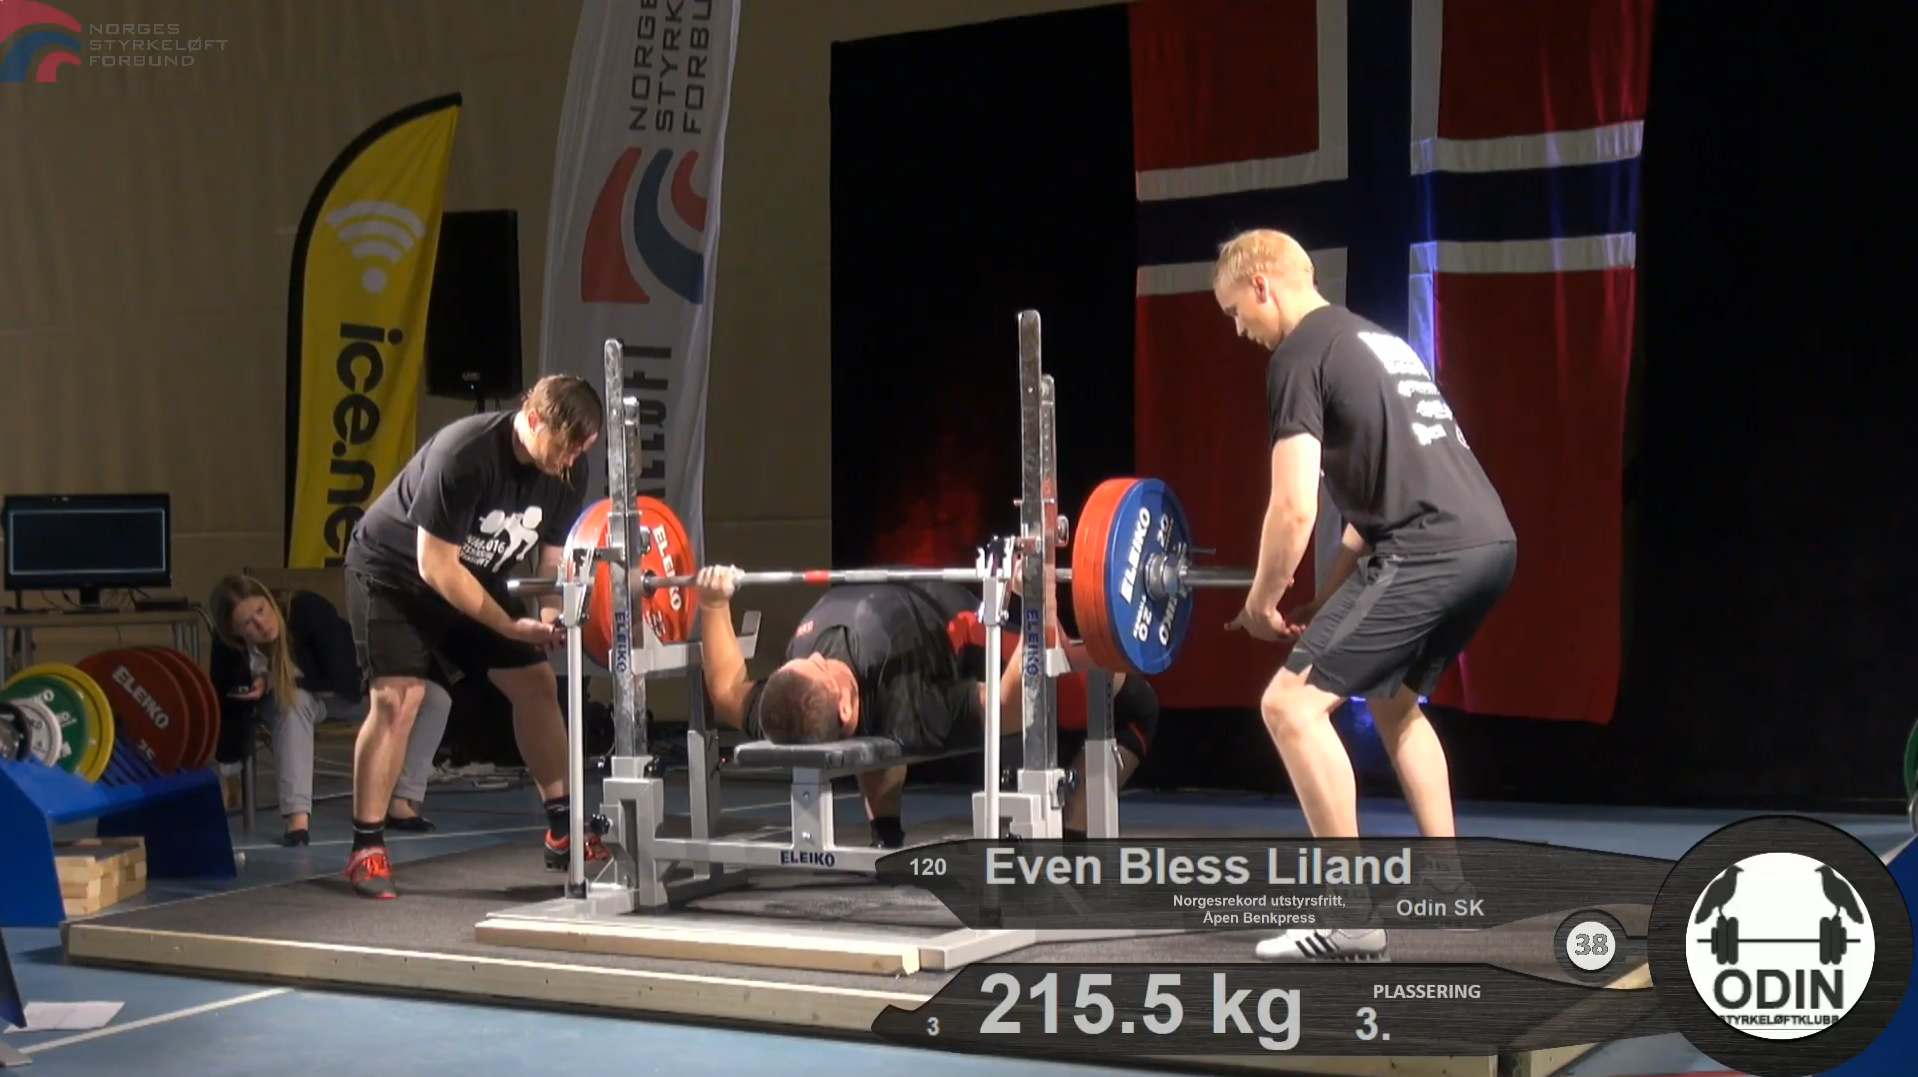 Even Bless Liland setter ny norsk rekord i benkpress i NM Styrkeløft Utstyrsfritt 2016.